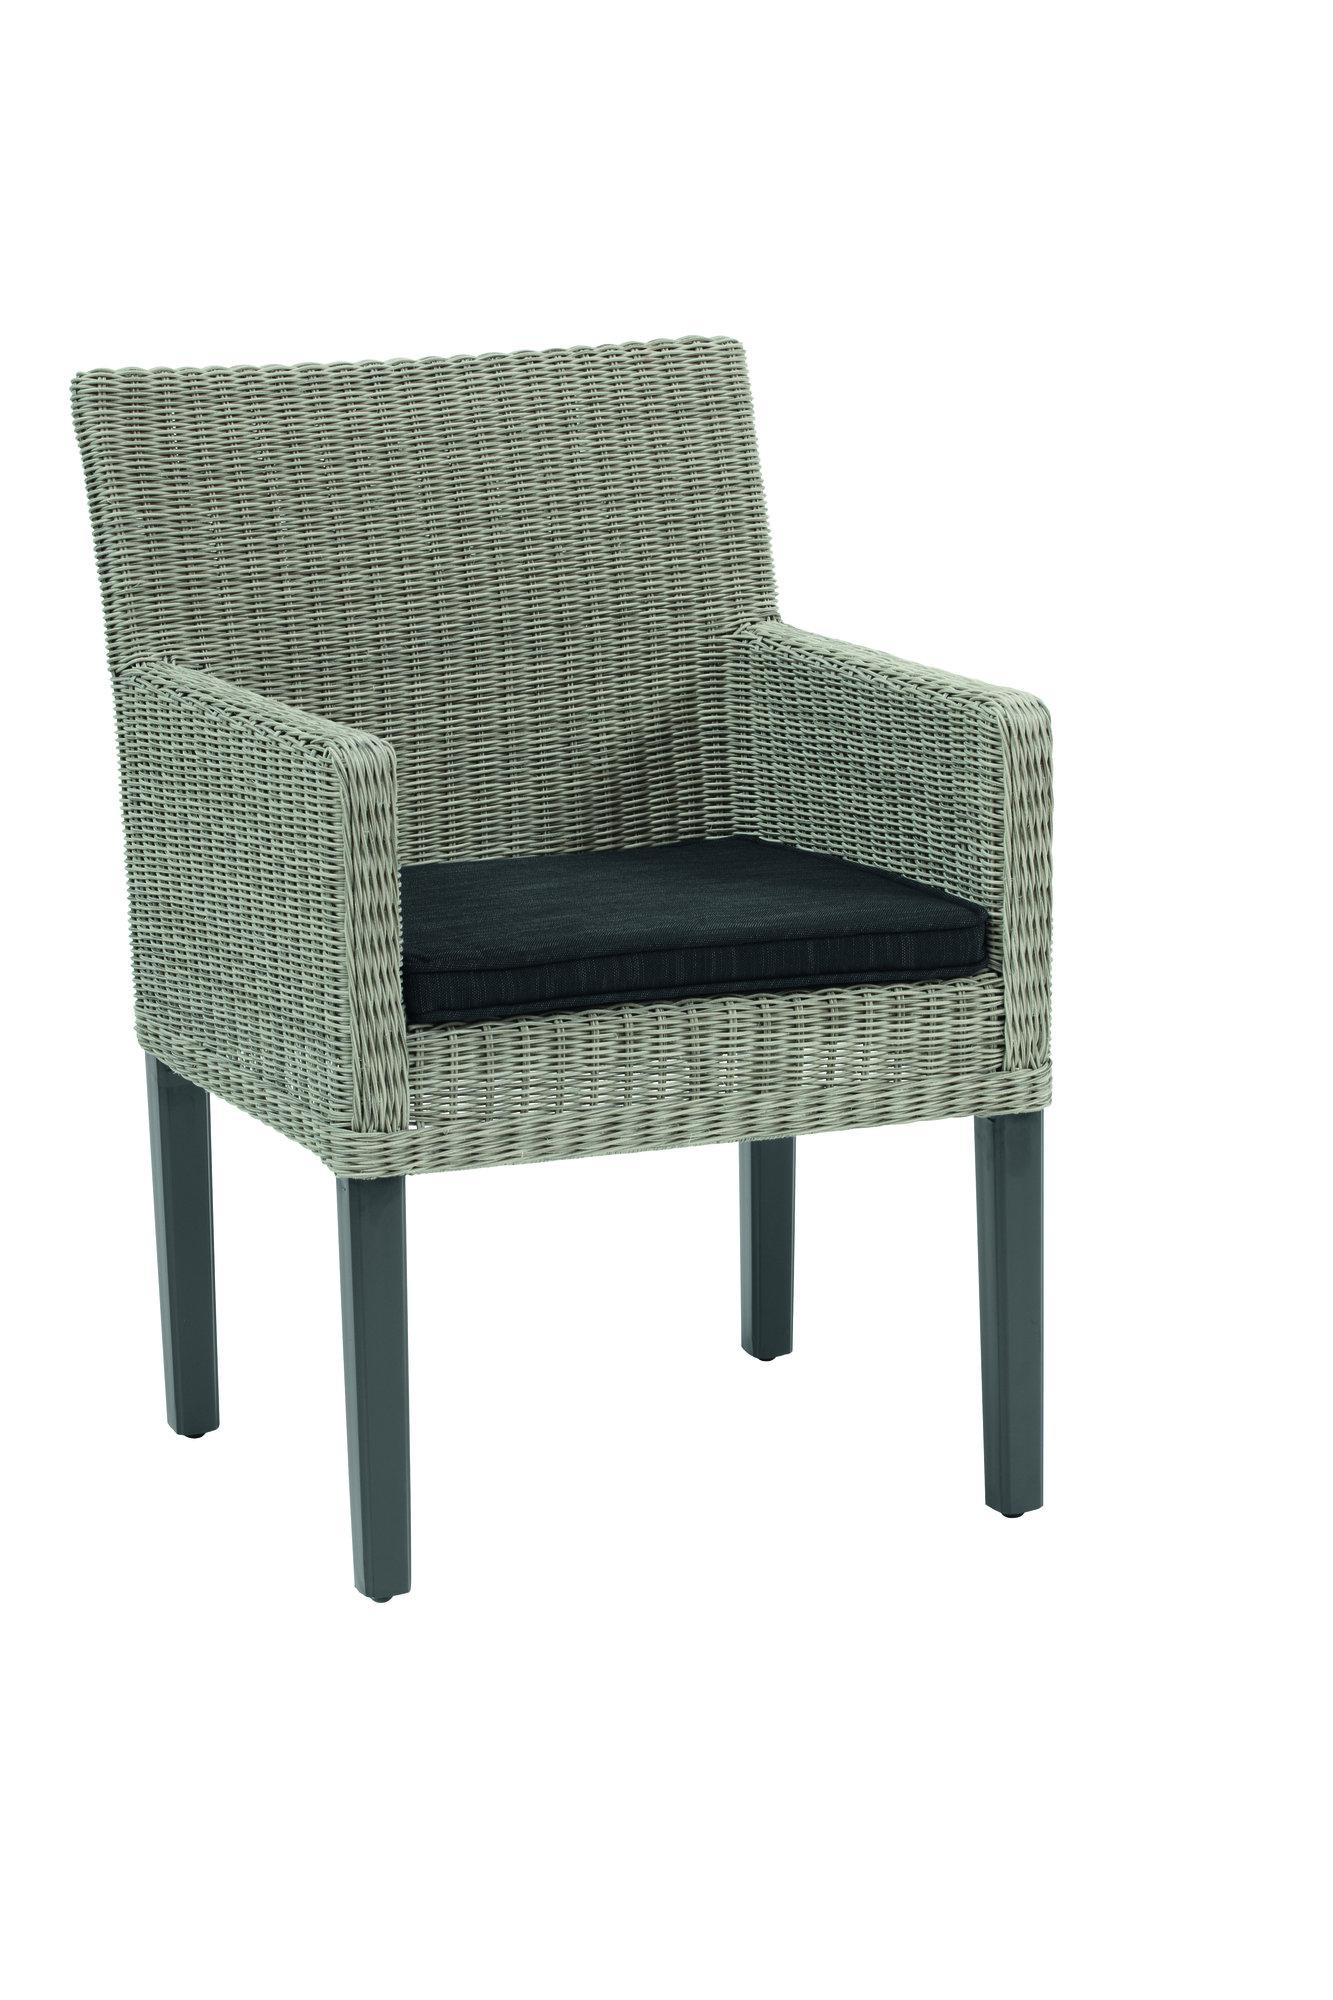 kettler bretagne geflechtsessel grau white wash 0102707. Black Bedroom Furniture Sets. Home Design Ideas